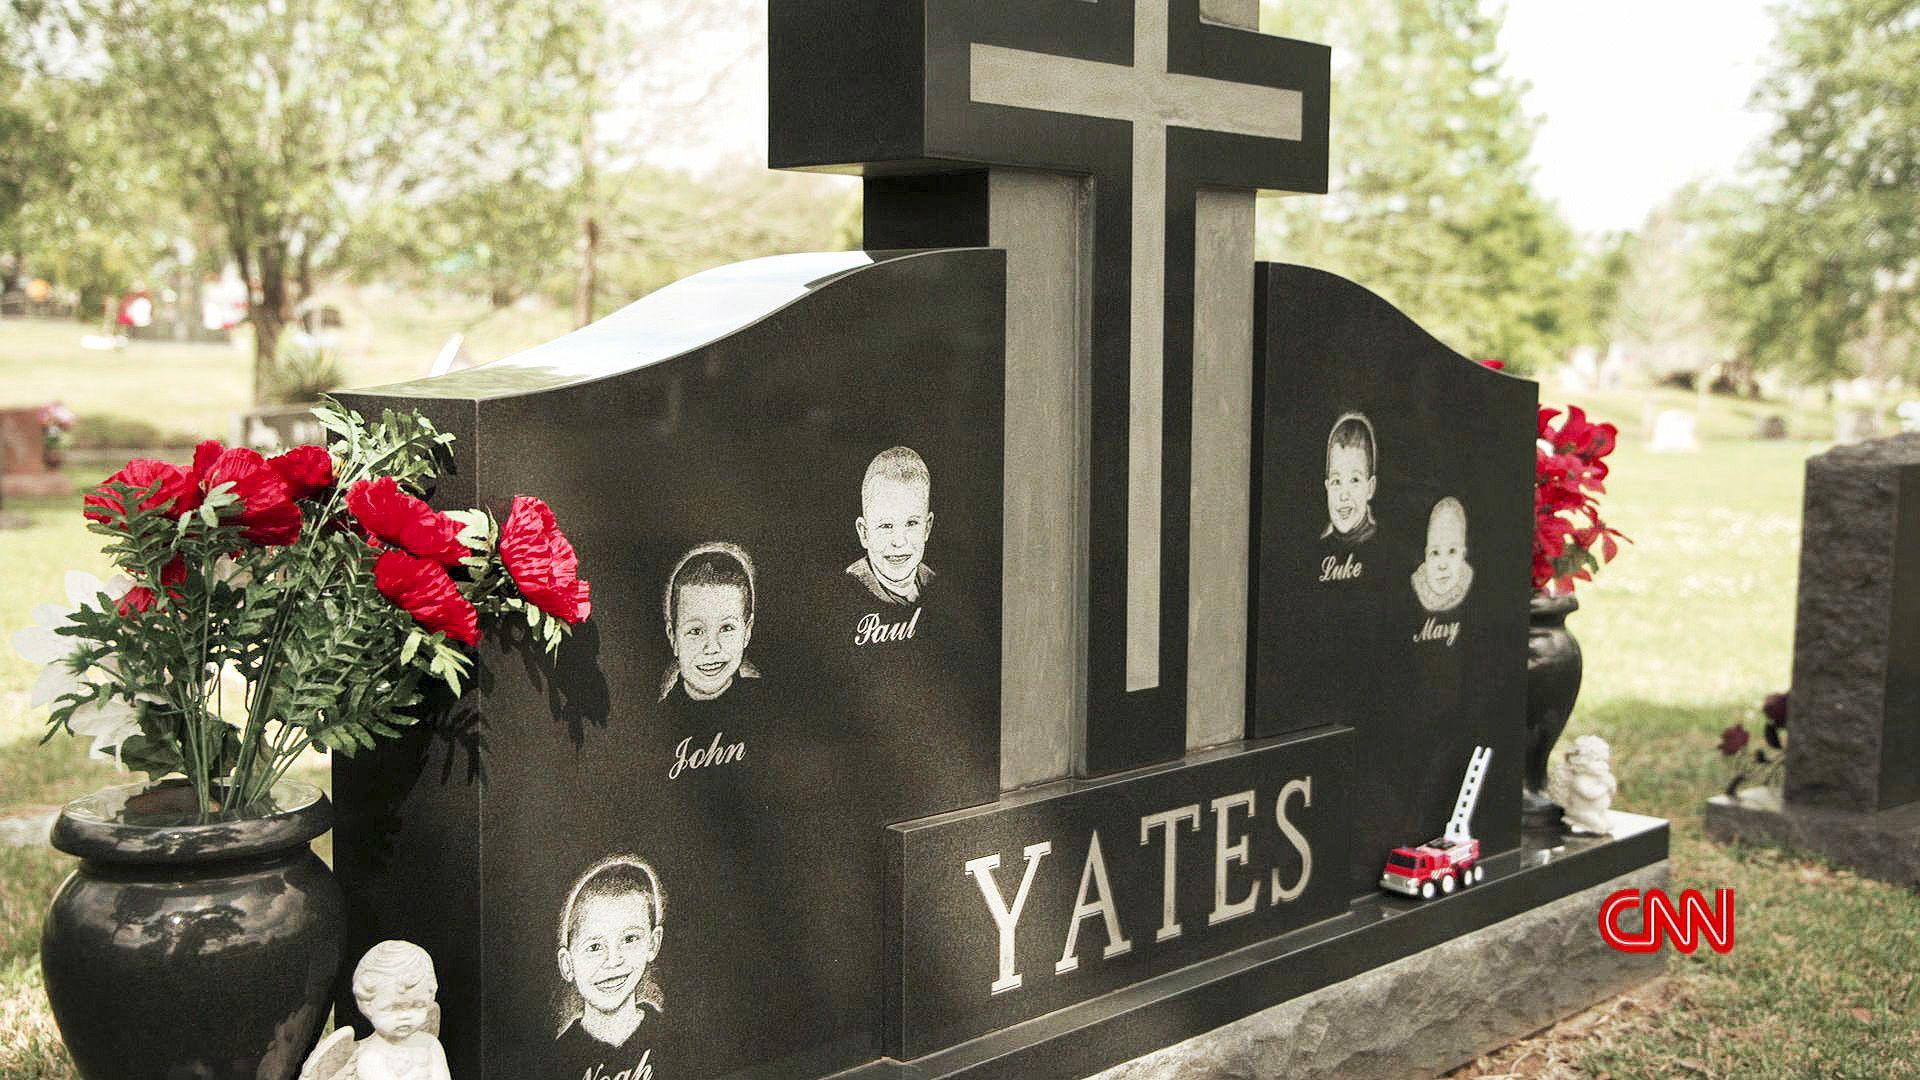 L'affaire Andrea Yates